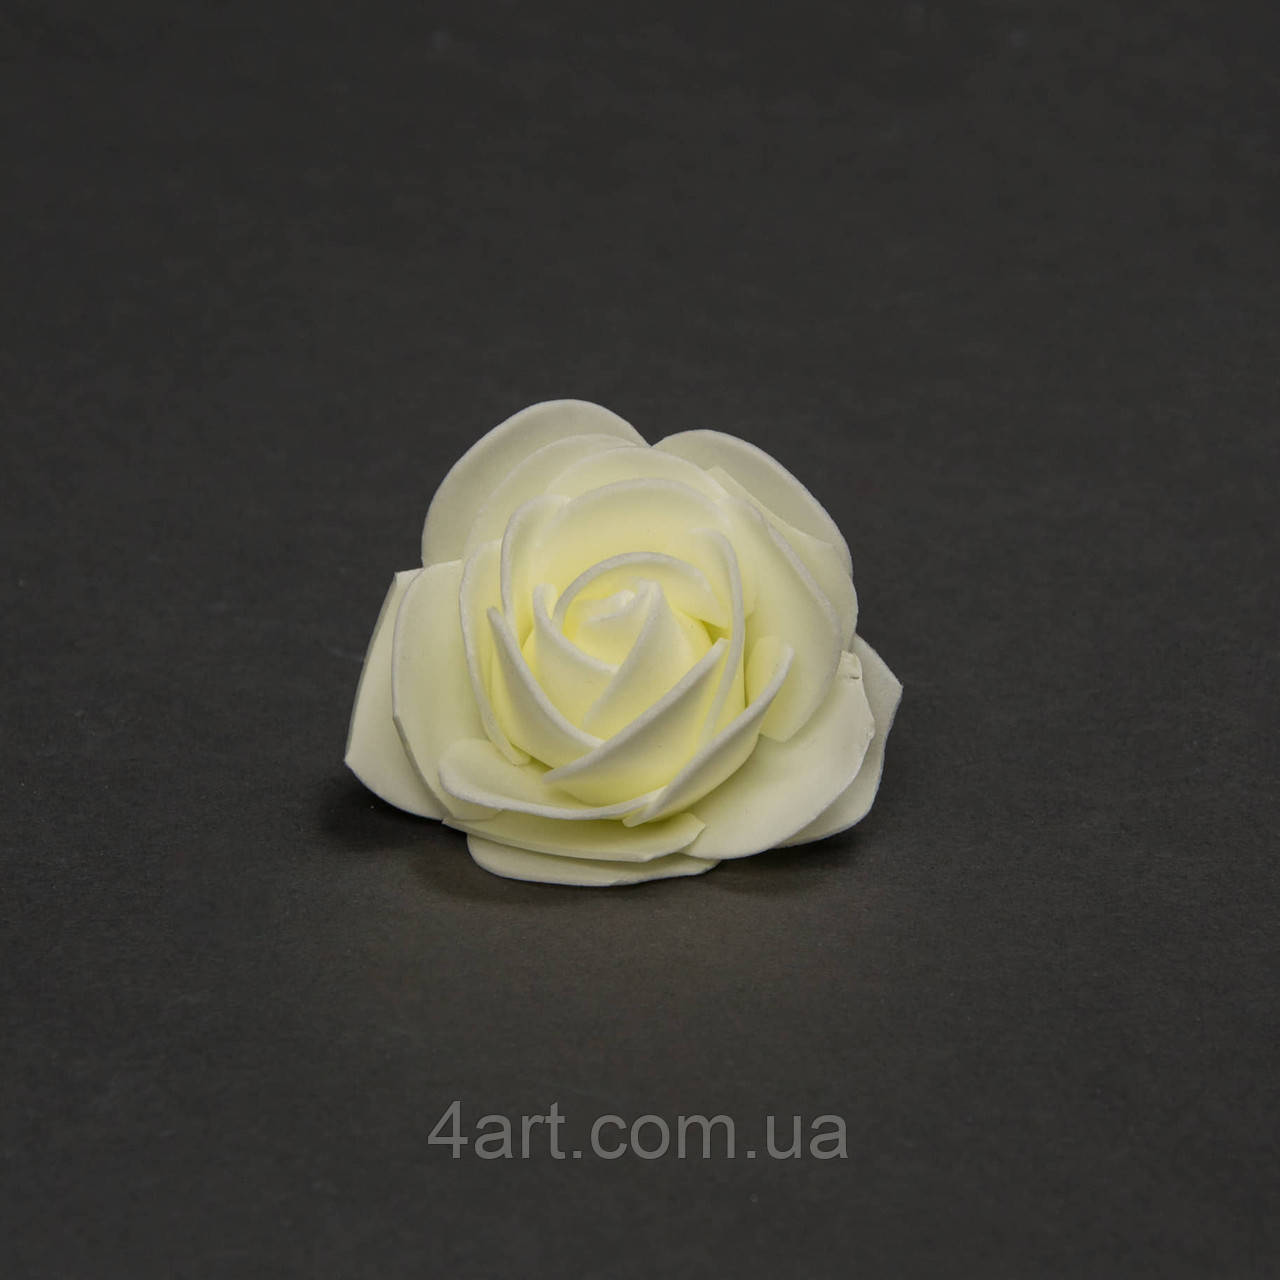 Головки роз из фоамирана 3.5 см, 500 шт.